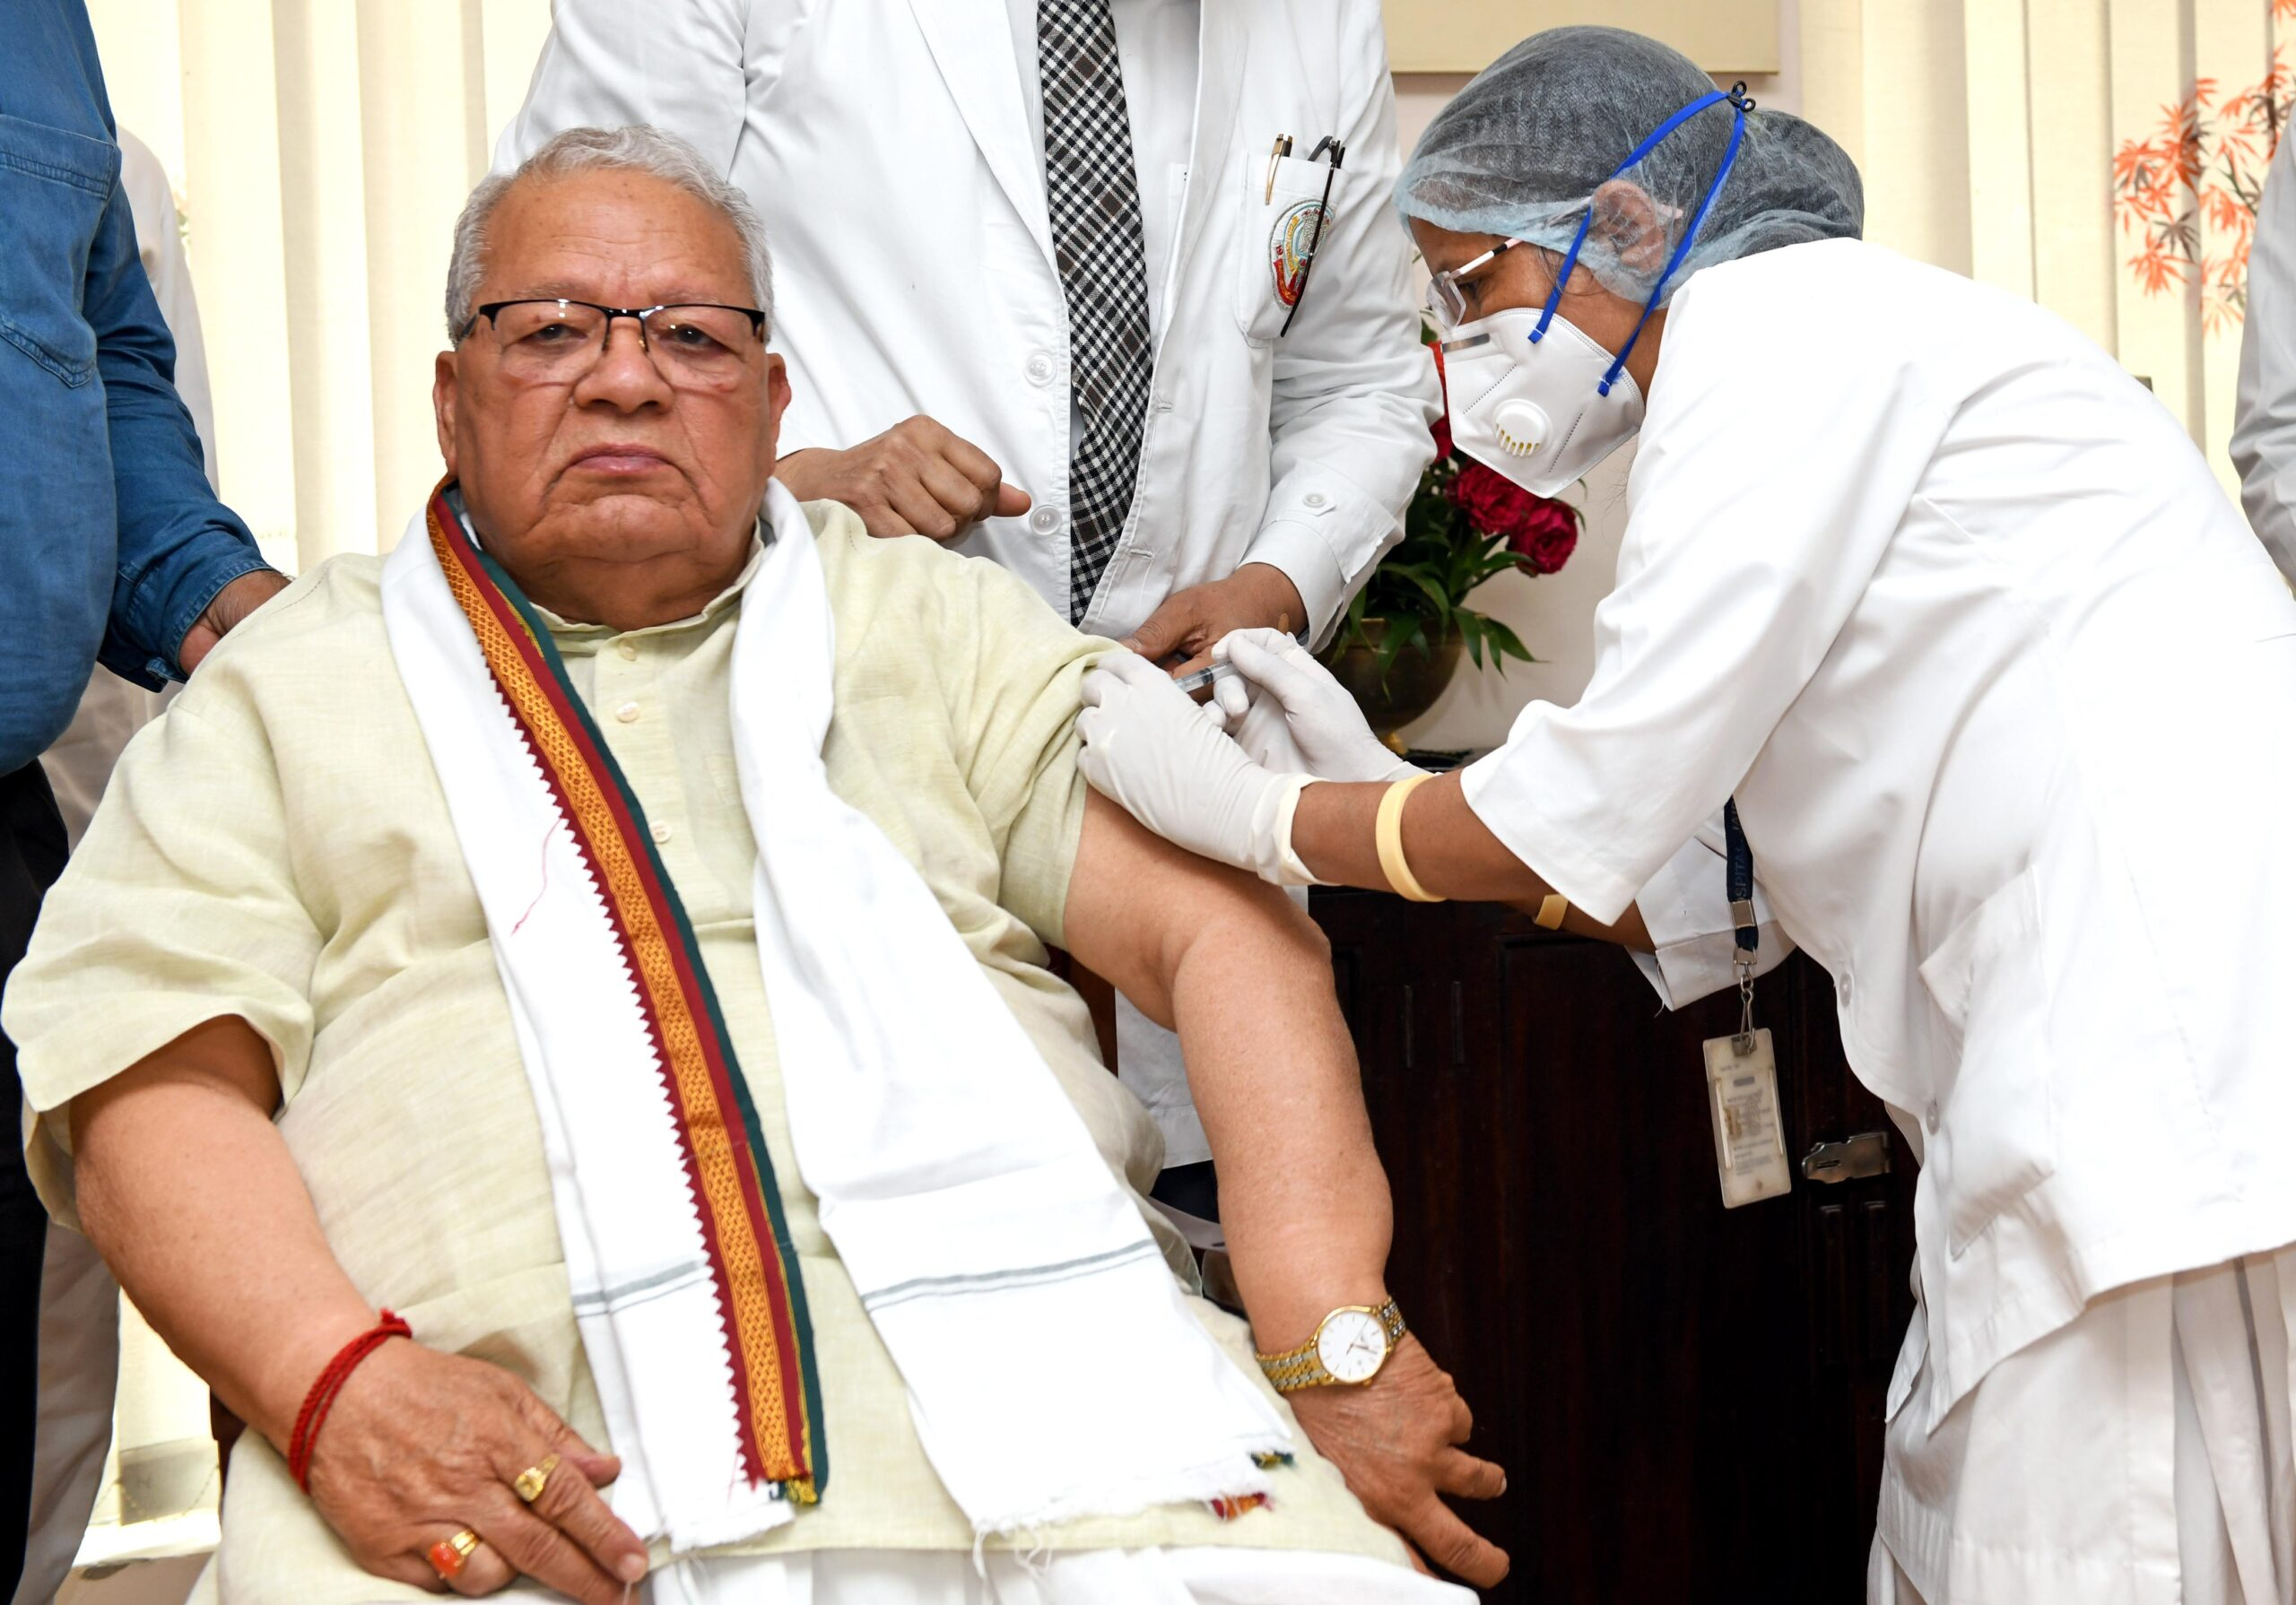 राज्यपाल श्री मिश्र ने लगवाई कोविड-19 टीके की पहली खुराक